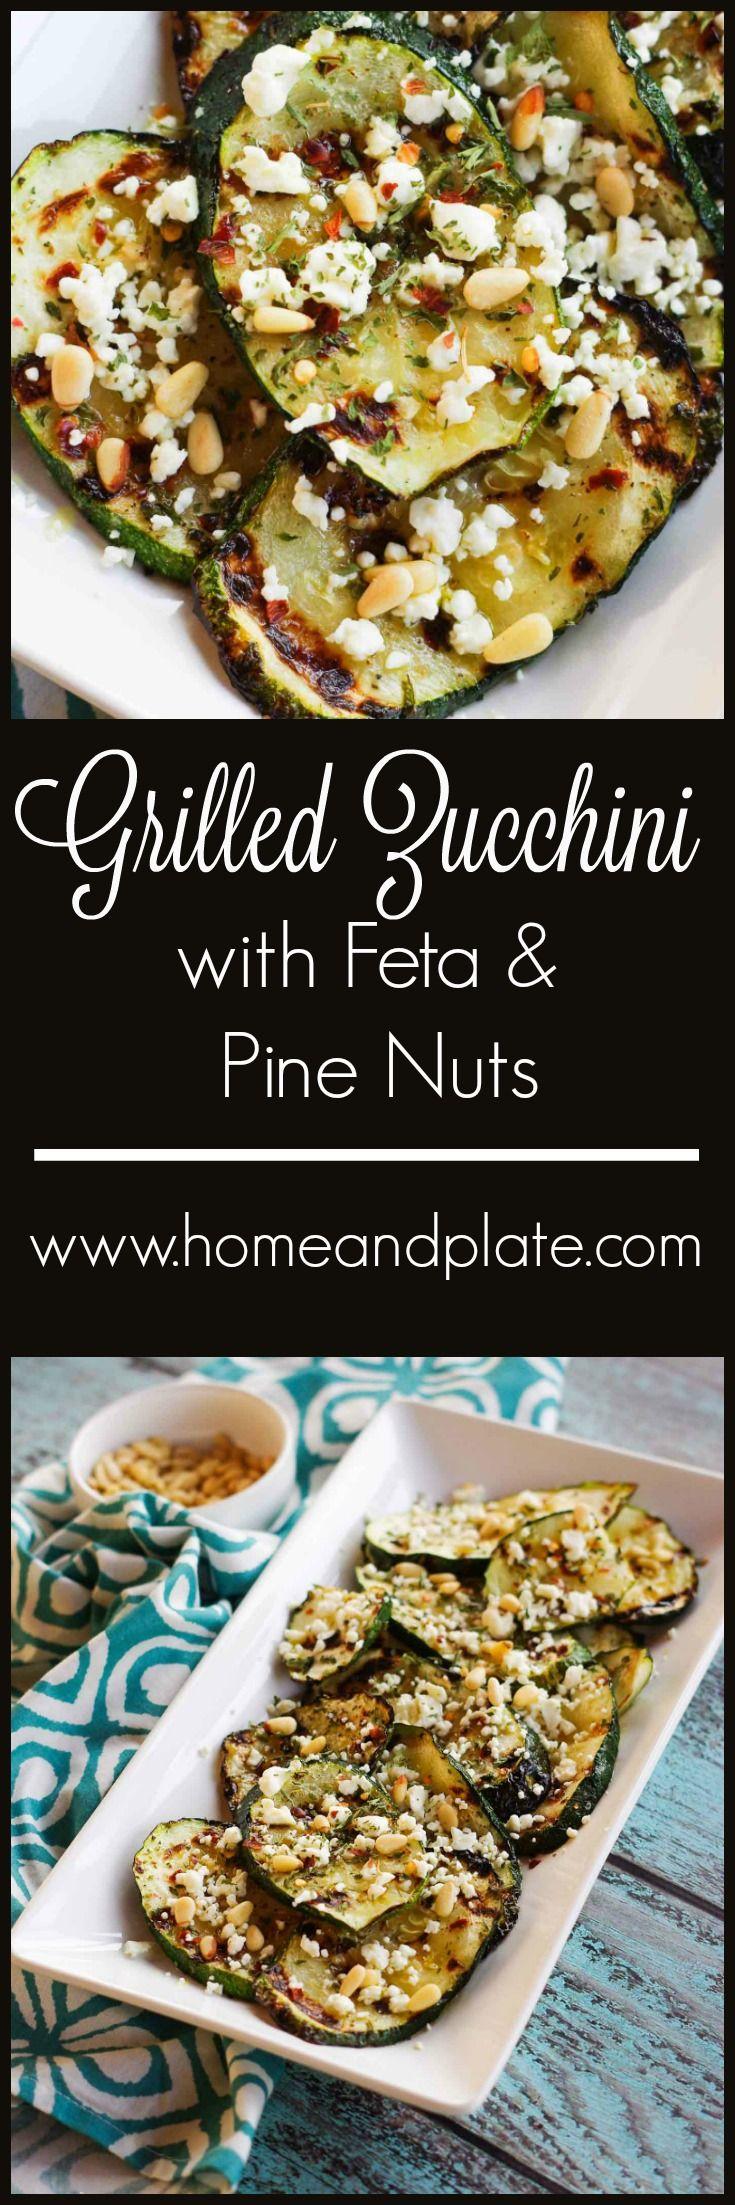 Ψητά κολοκυθάκια με φέτα & κουκουνάρι |  www.homeandplate.com |  Αυτή η συνταγή ψητά κολοκυθάκια με φέτα και κουκουνάρι κάνει το ψήσιμο στη σχάρα από την εύκολη και νόστιμη.